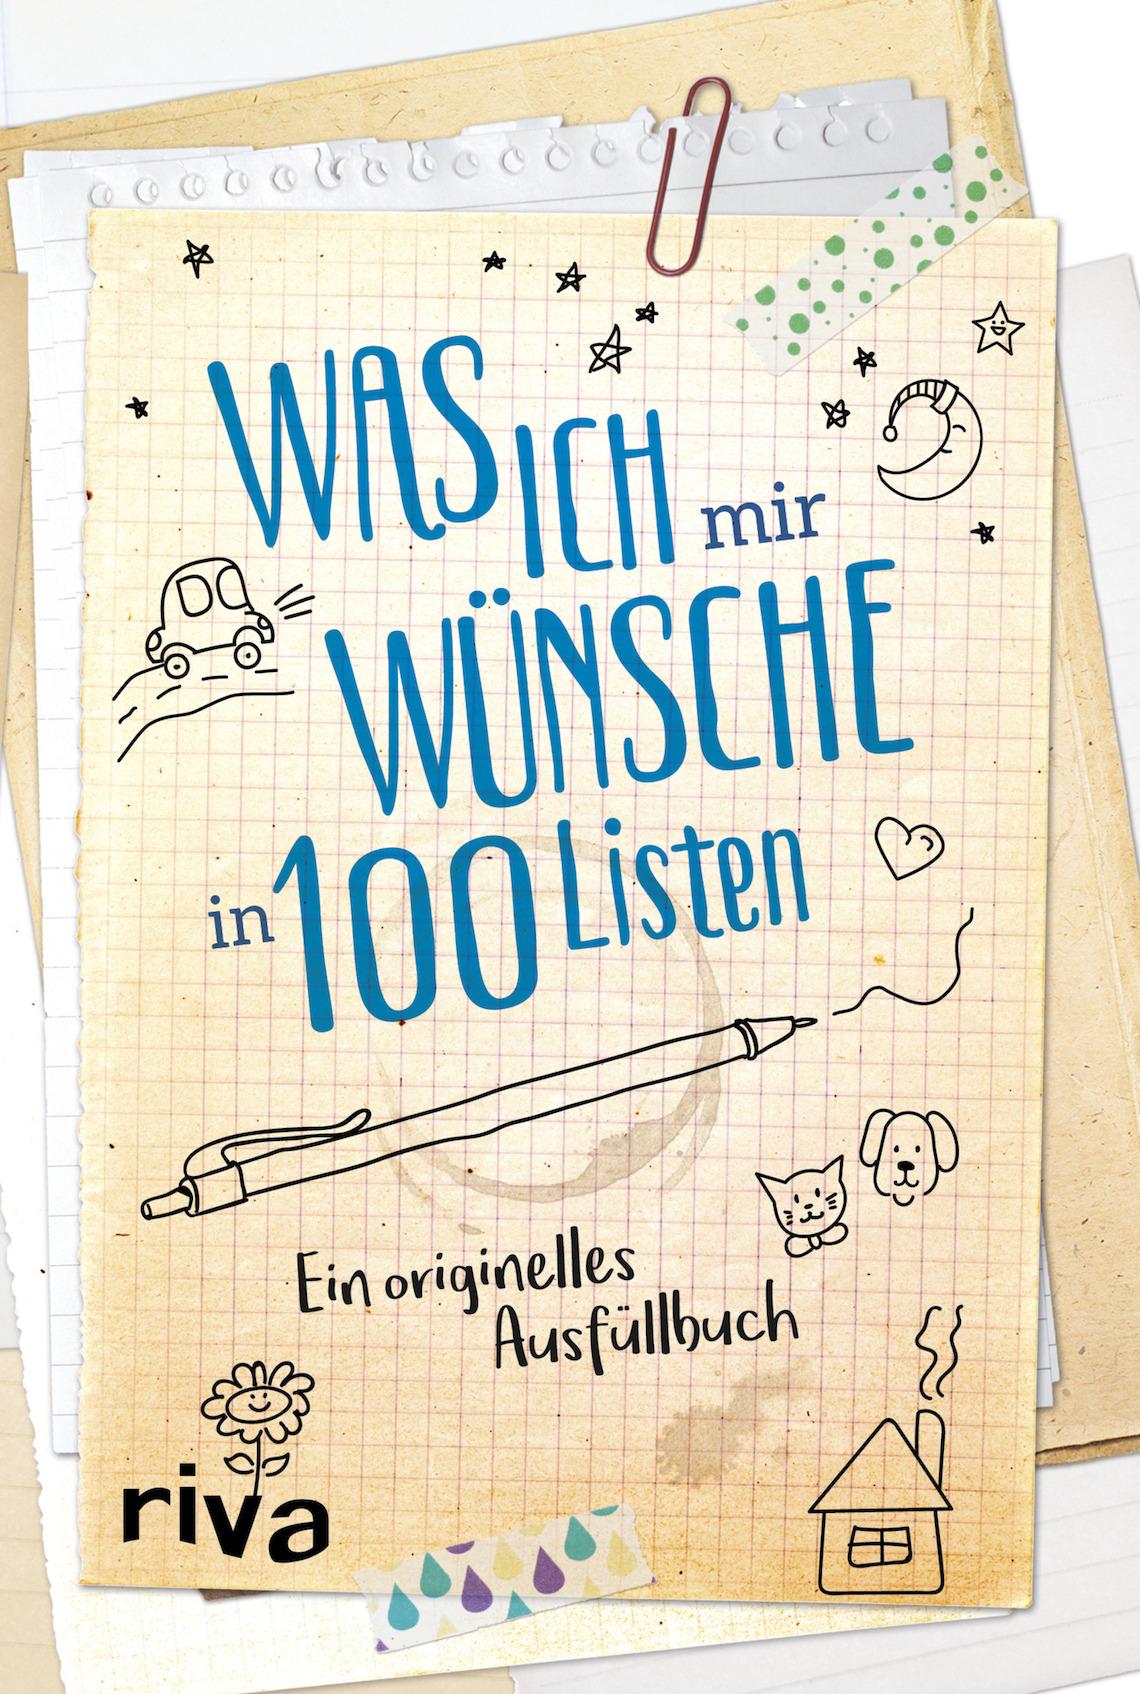 Mädelsschnack l Ausfüllbuch Was ich mir wünsche in 100 Listen